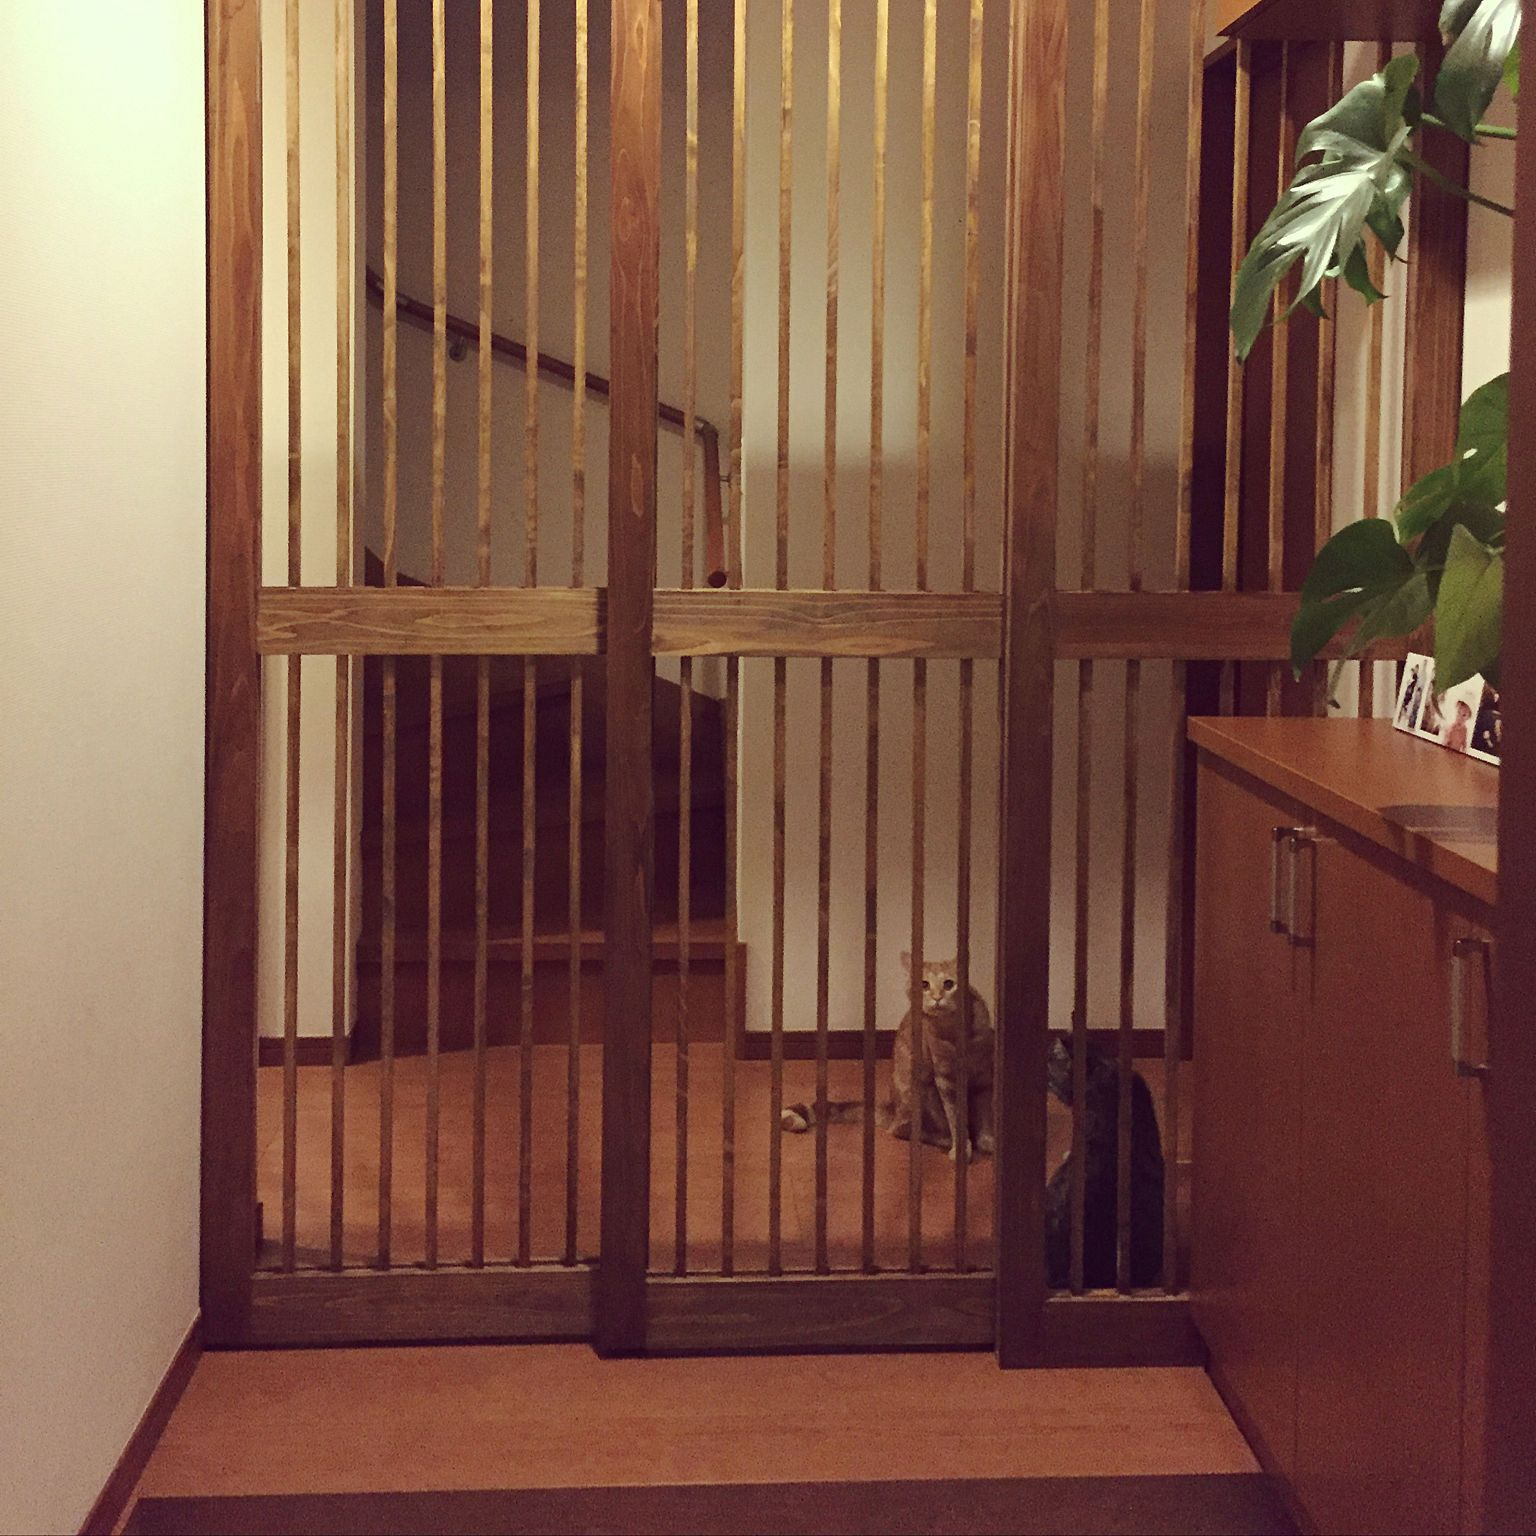 玄関 入り口 玄関からの景色 脱走防止柵 脱走防止扉 猫 などの